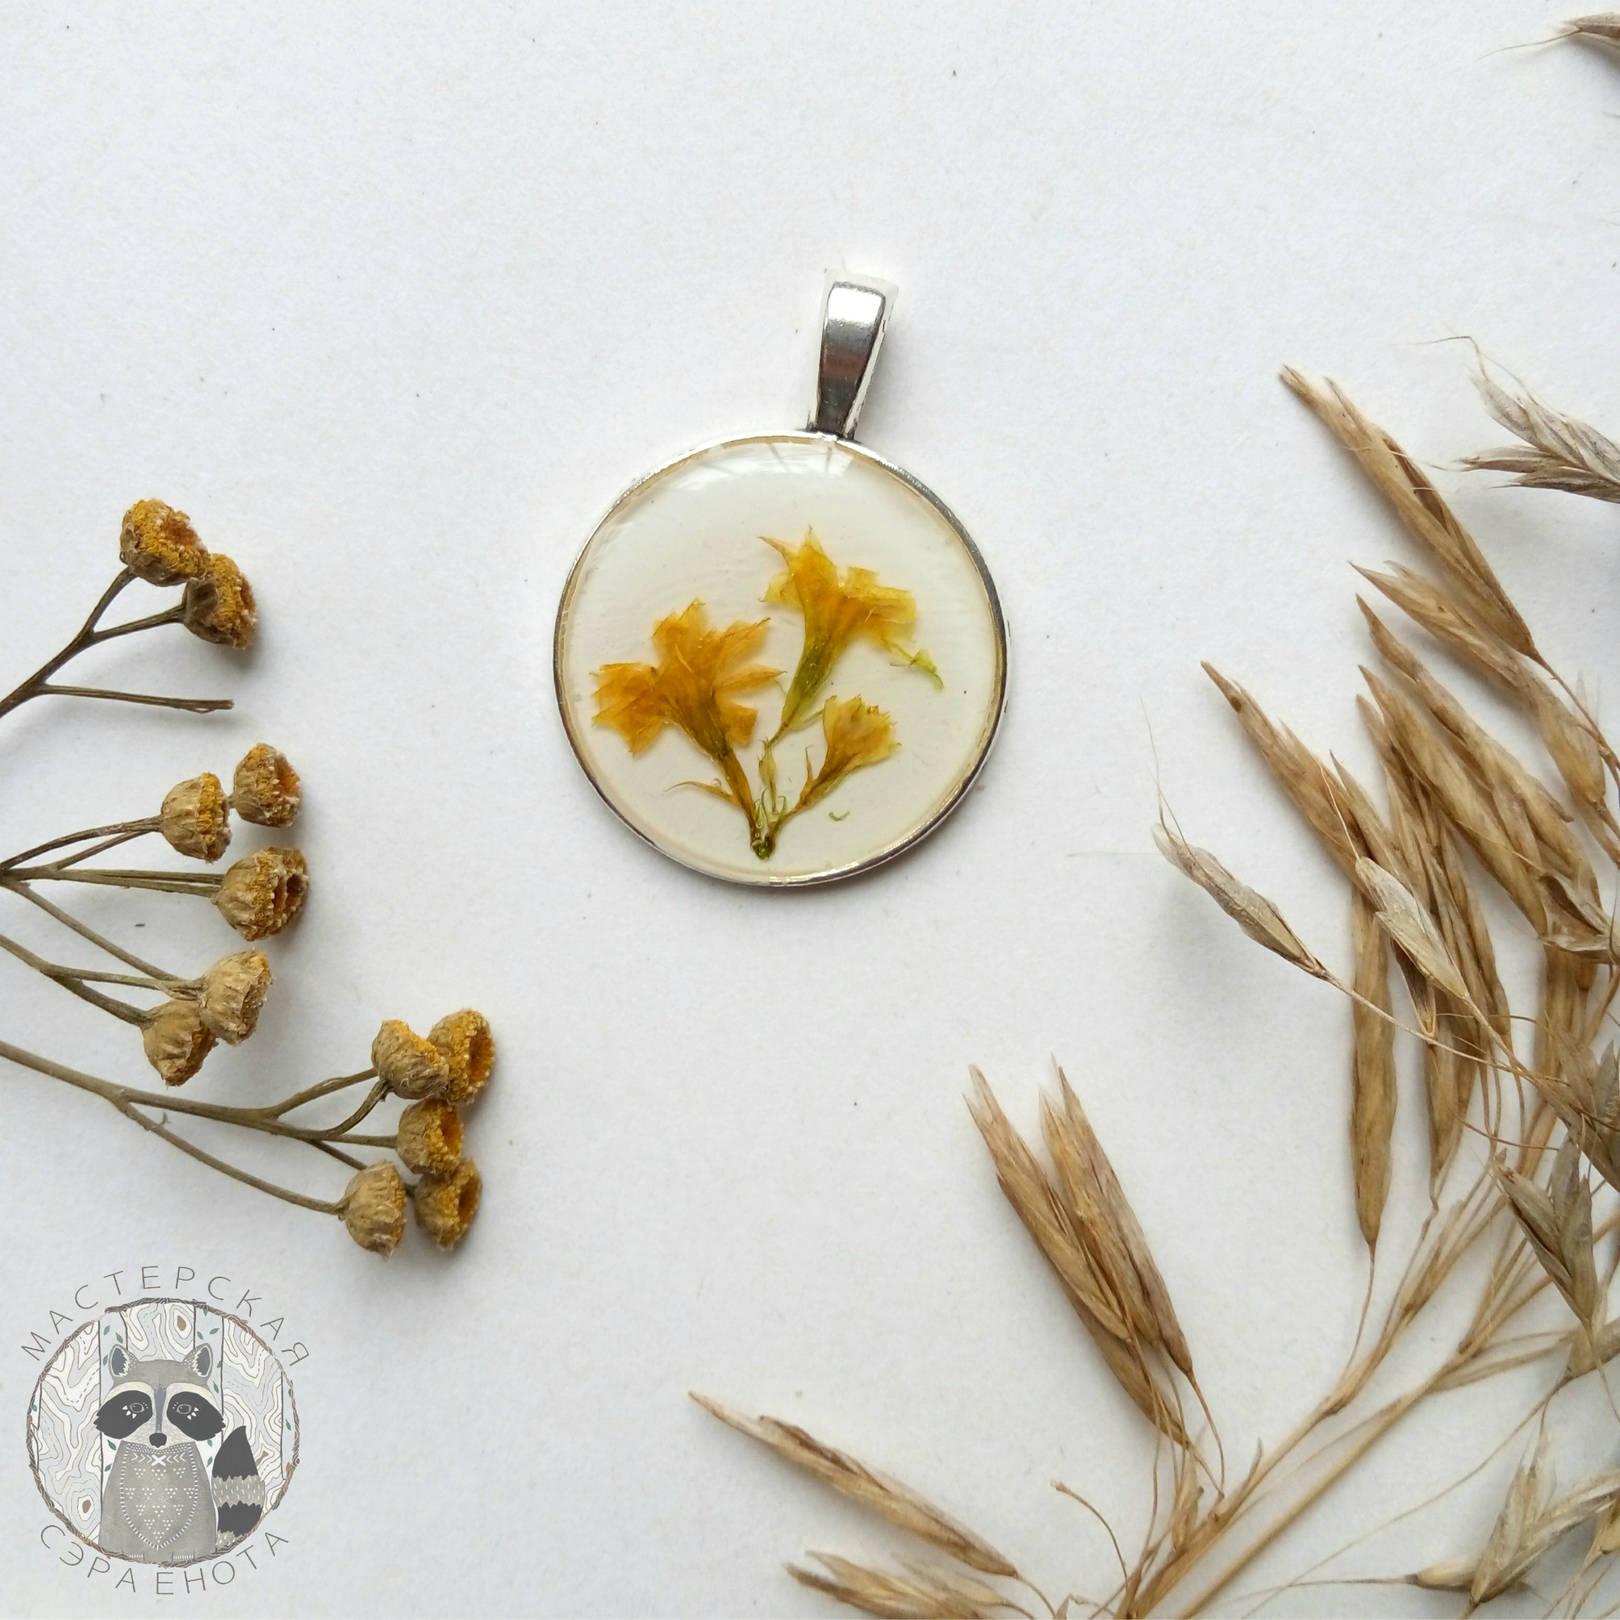 Кулон с цветами каланхое Материалы: эпоксидная смола, сухоцветы, фурнитура цвета серебра. Размер 25 мм